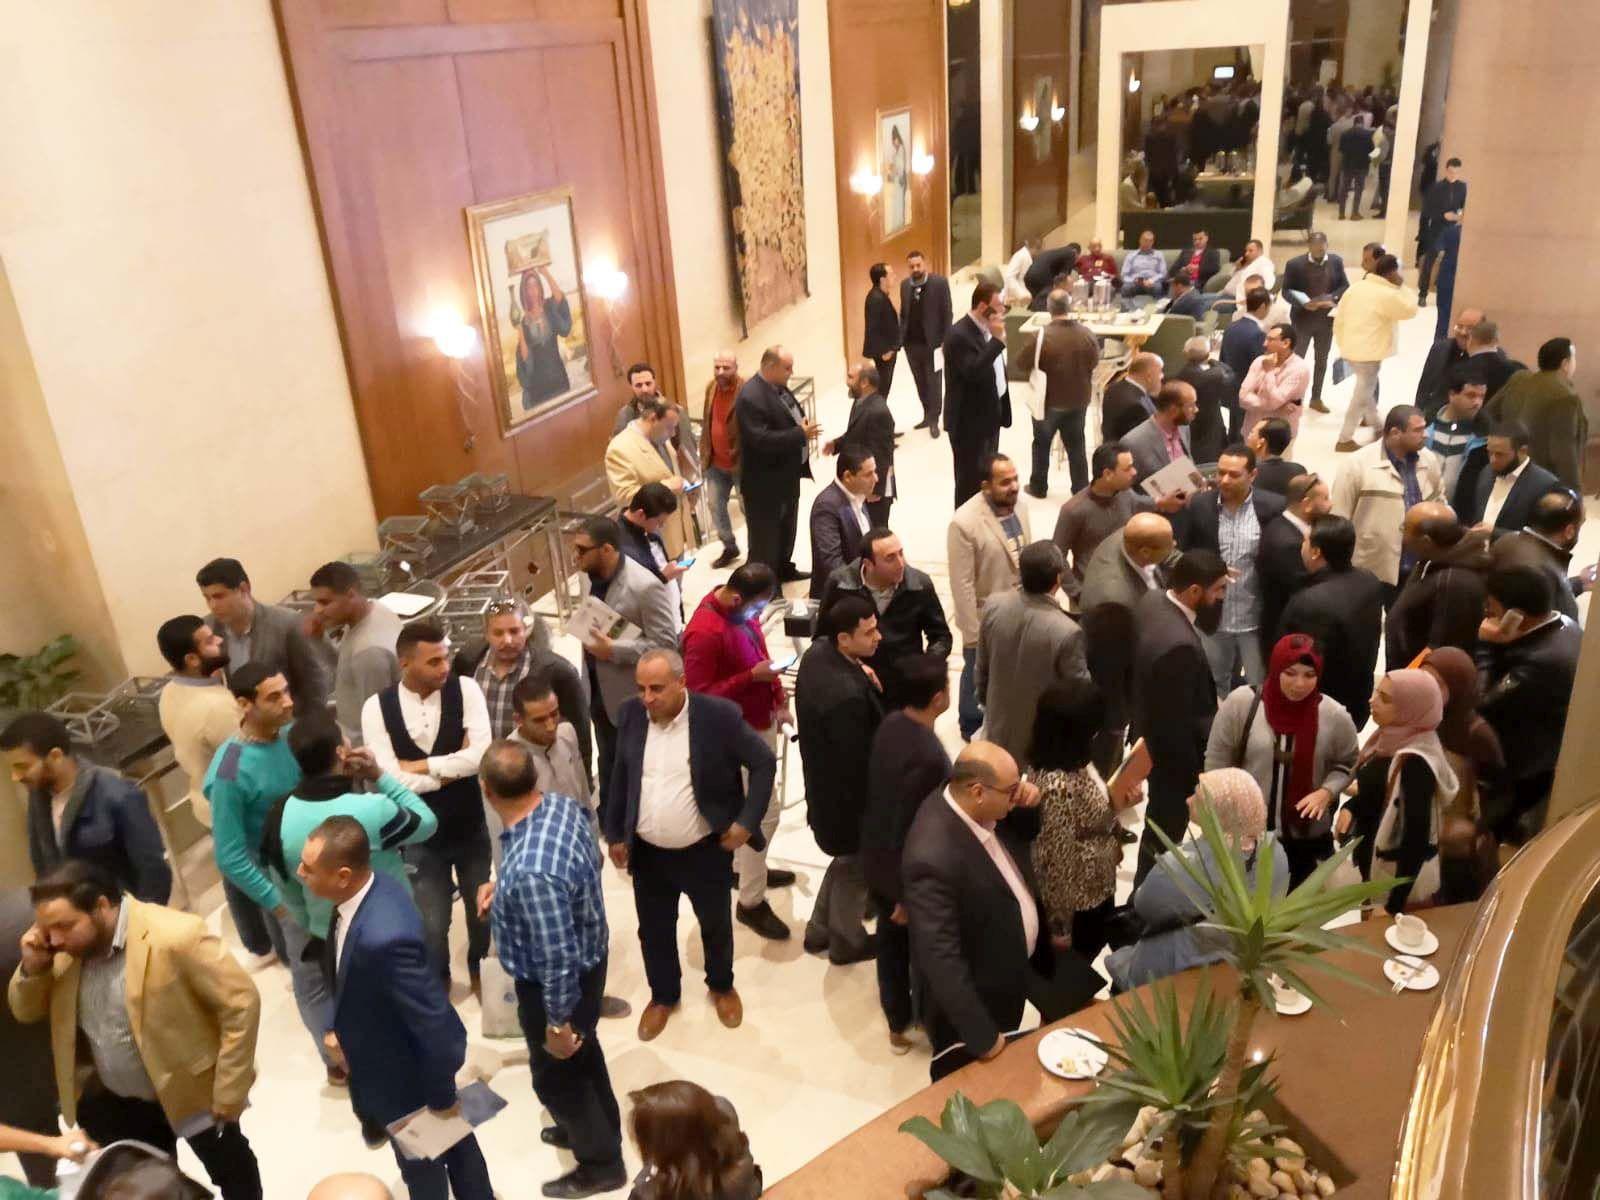 Türk İklimlendirme Sektörü Mısır'ı Mercek Altına Aldı